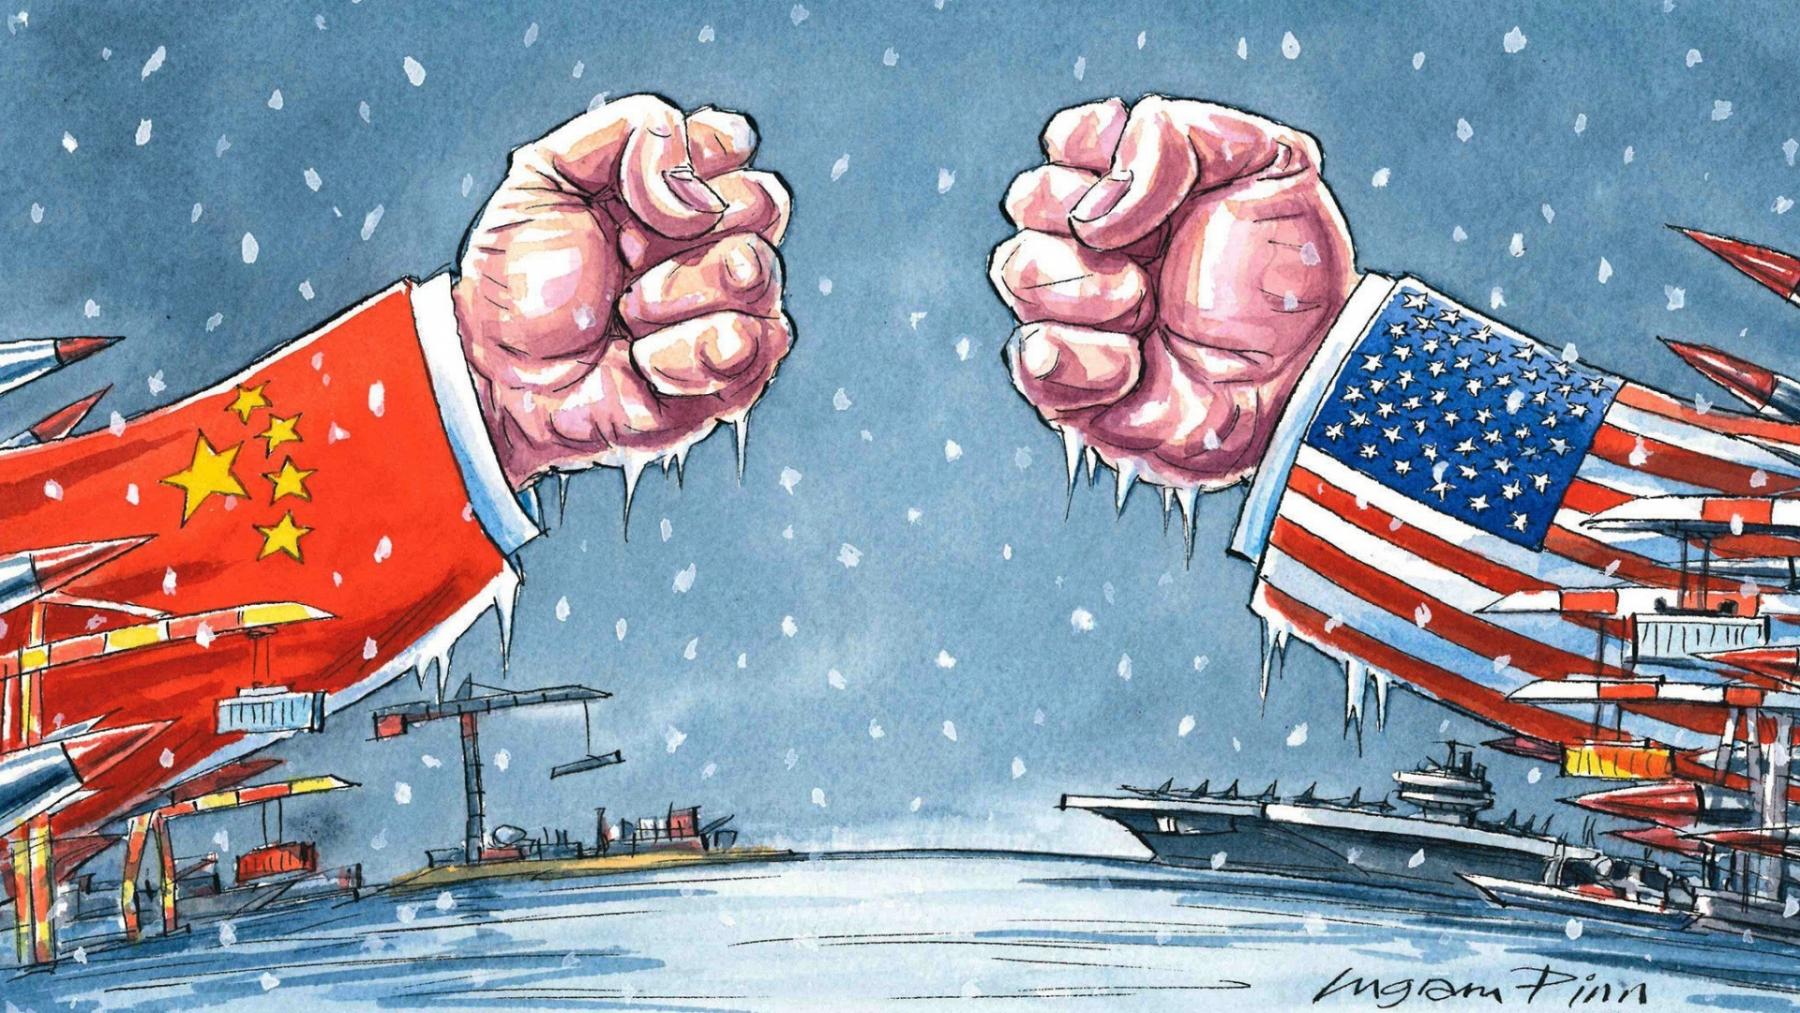 WTO: Chính quyền Trump phạm luật khi áp thuế với hàng hóa Trung Quốc